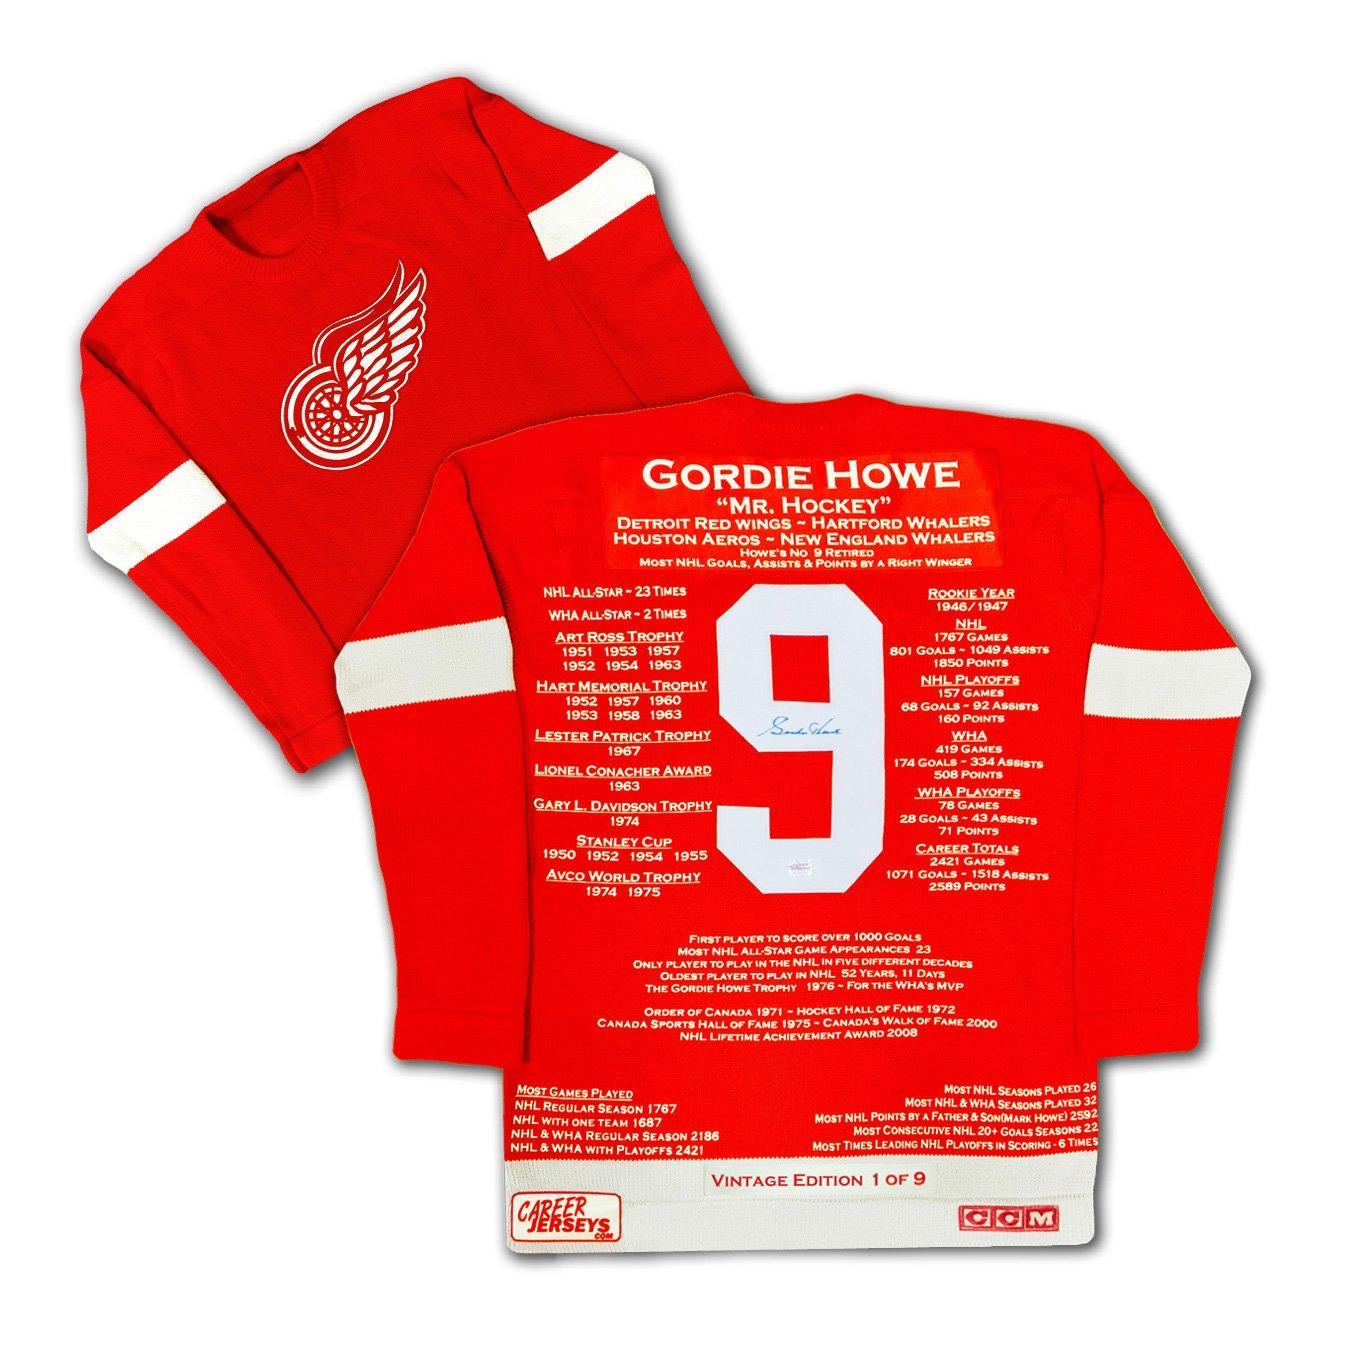 Gordie Howe Vintage Edition Wool Career Jersey Ltd Ed 1 of 9 - Signed Red Wings